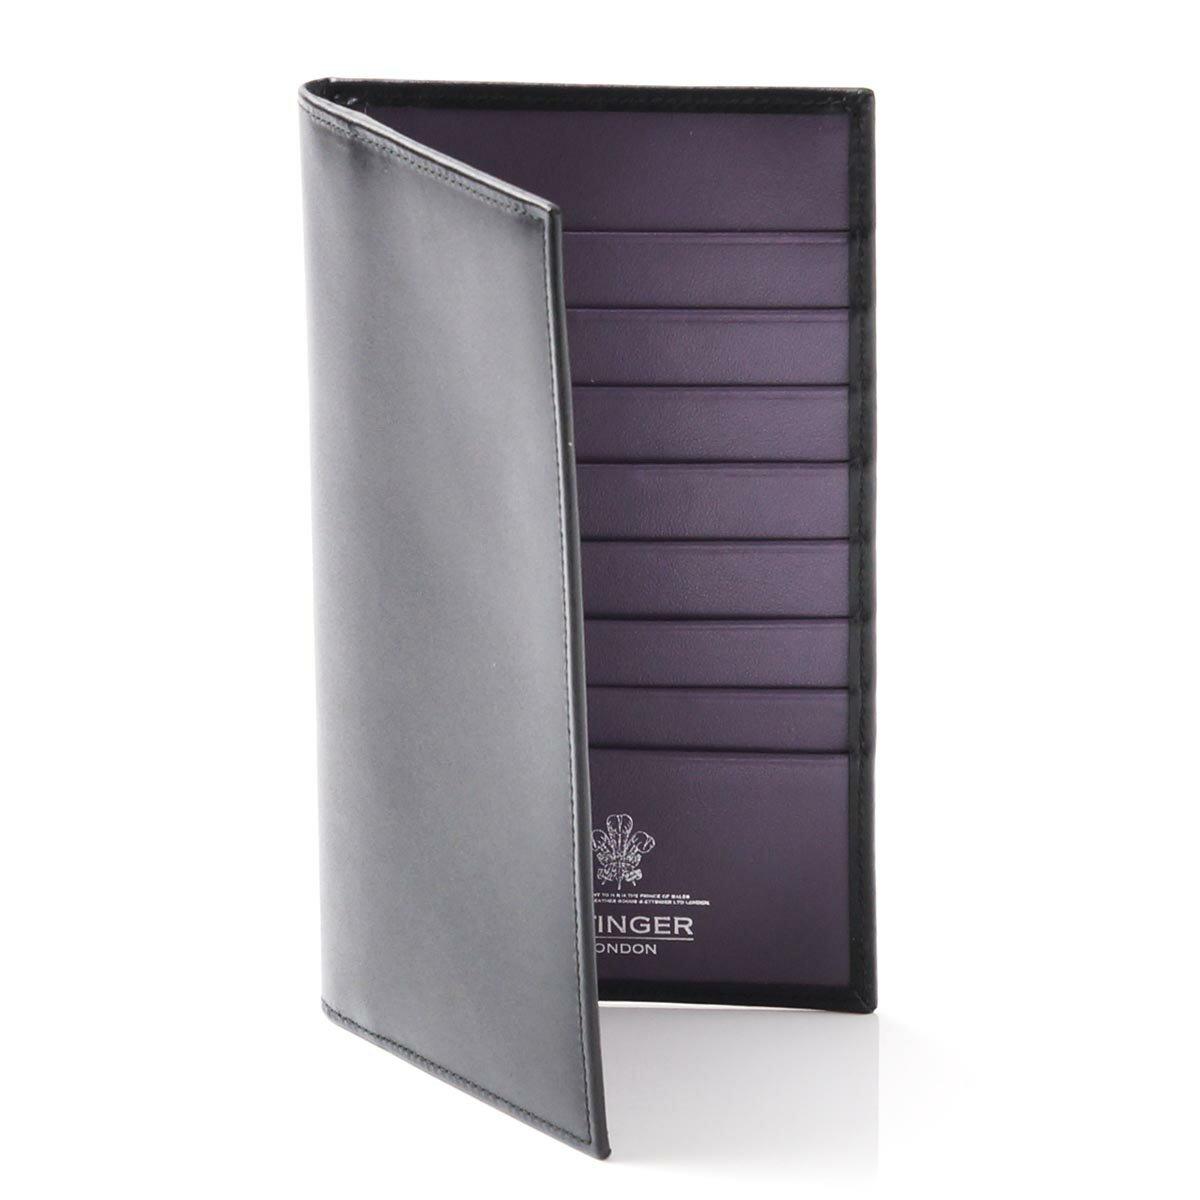 エッティンガー/ETTINGER 長財布 ロイヤルコレクション BLACK×PURPLE ブラック系 st806ajr メンズ【あす楽対応_関東】